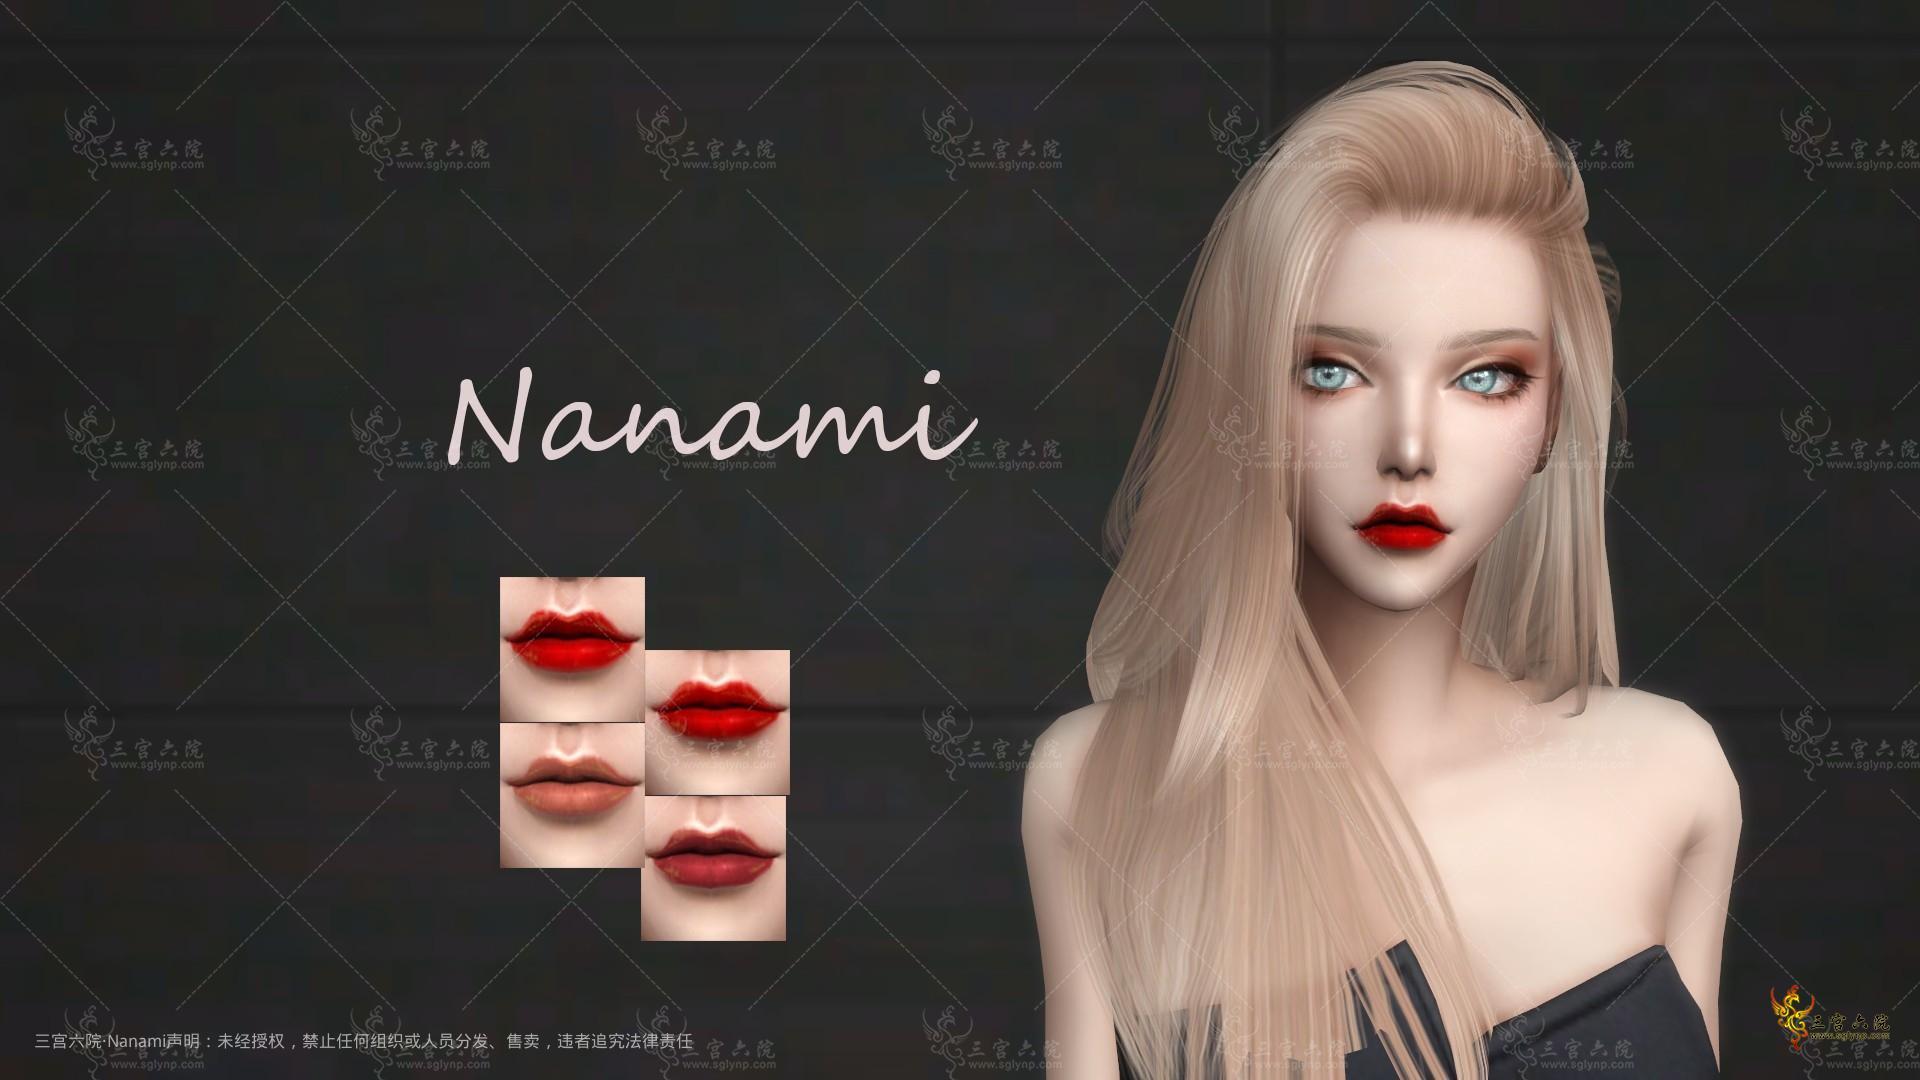 Nanamilipstick01.png